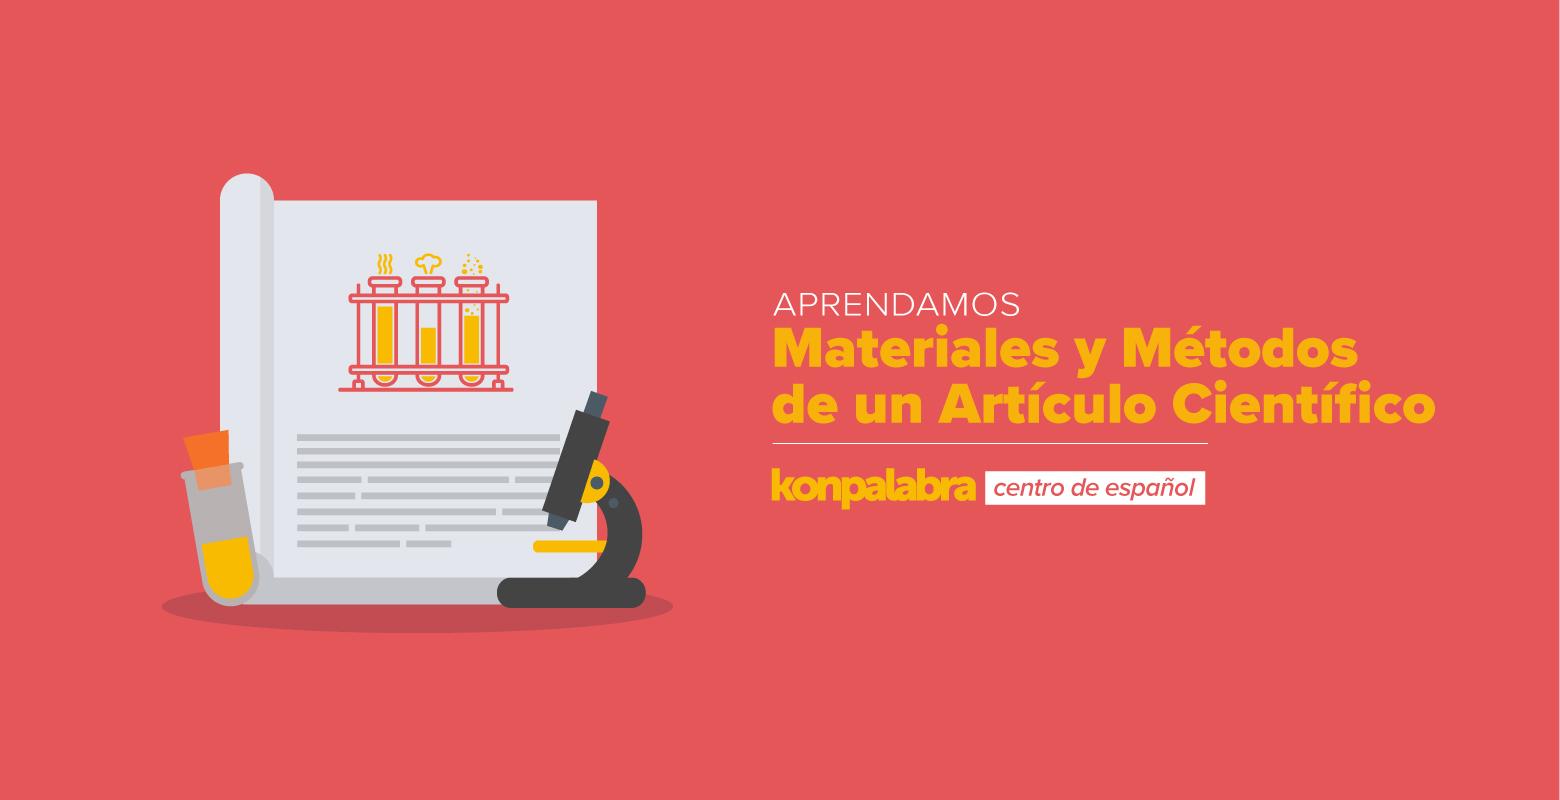 4. El artículo científico. Materiales y métodos